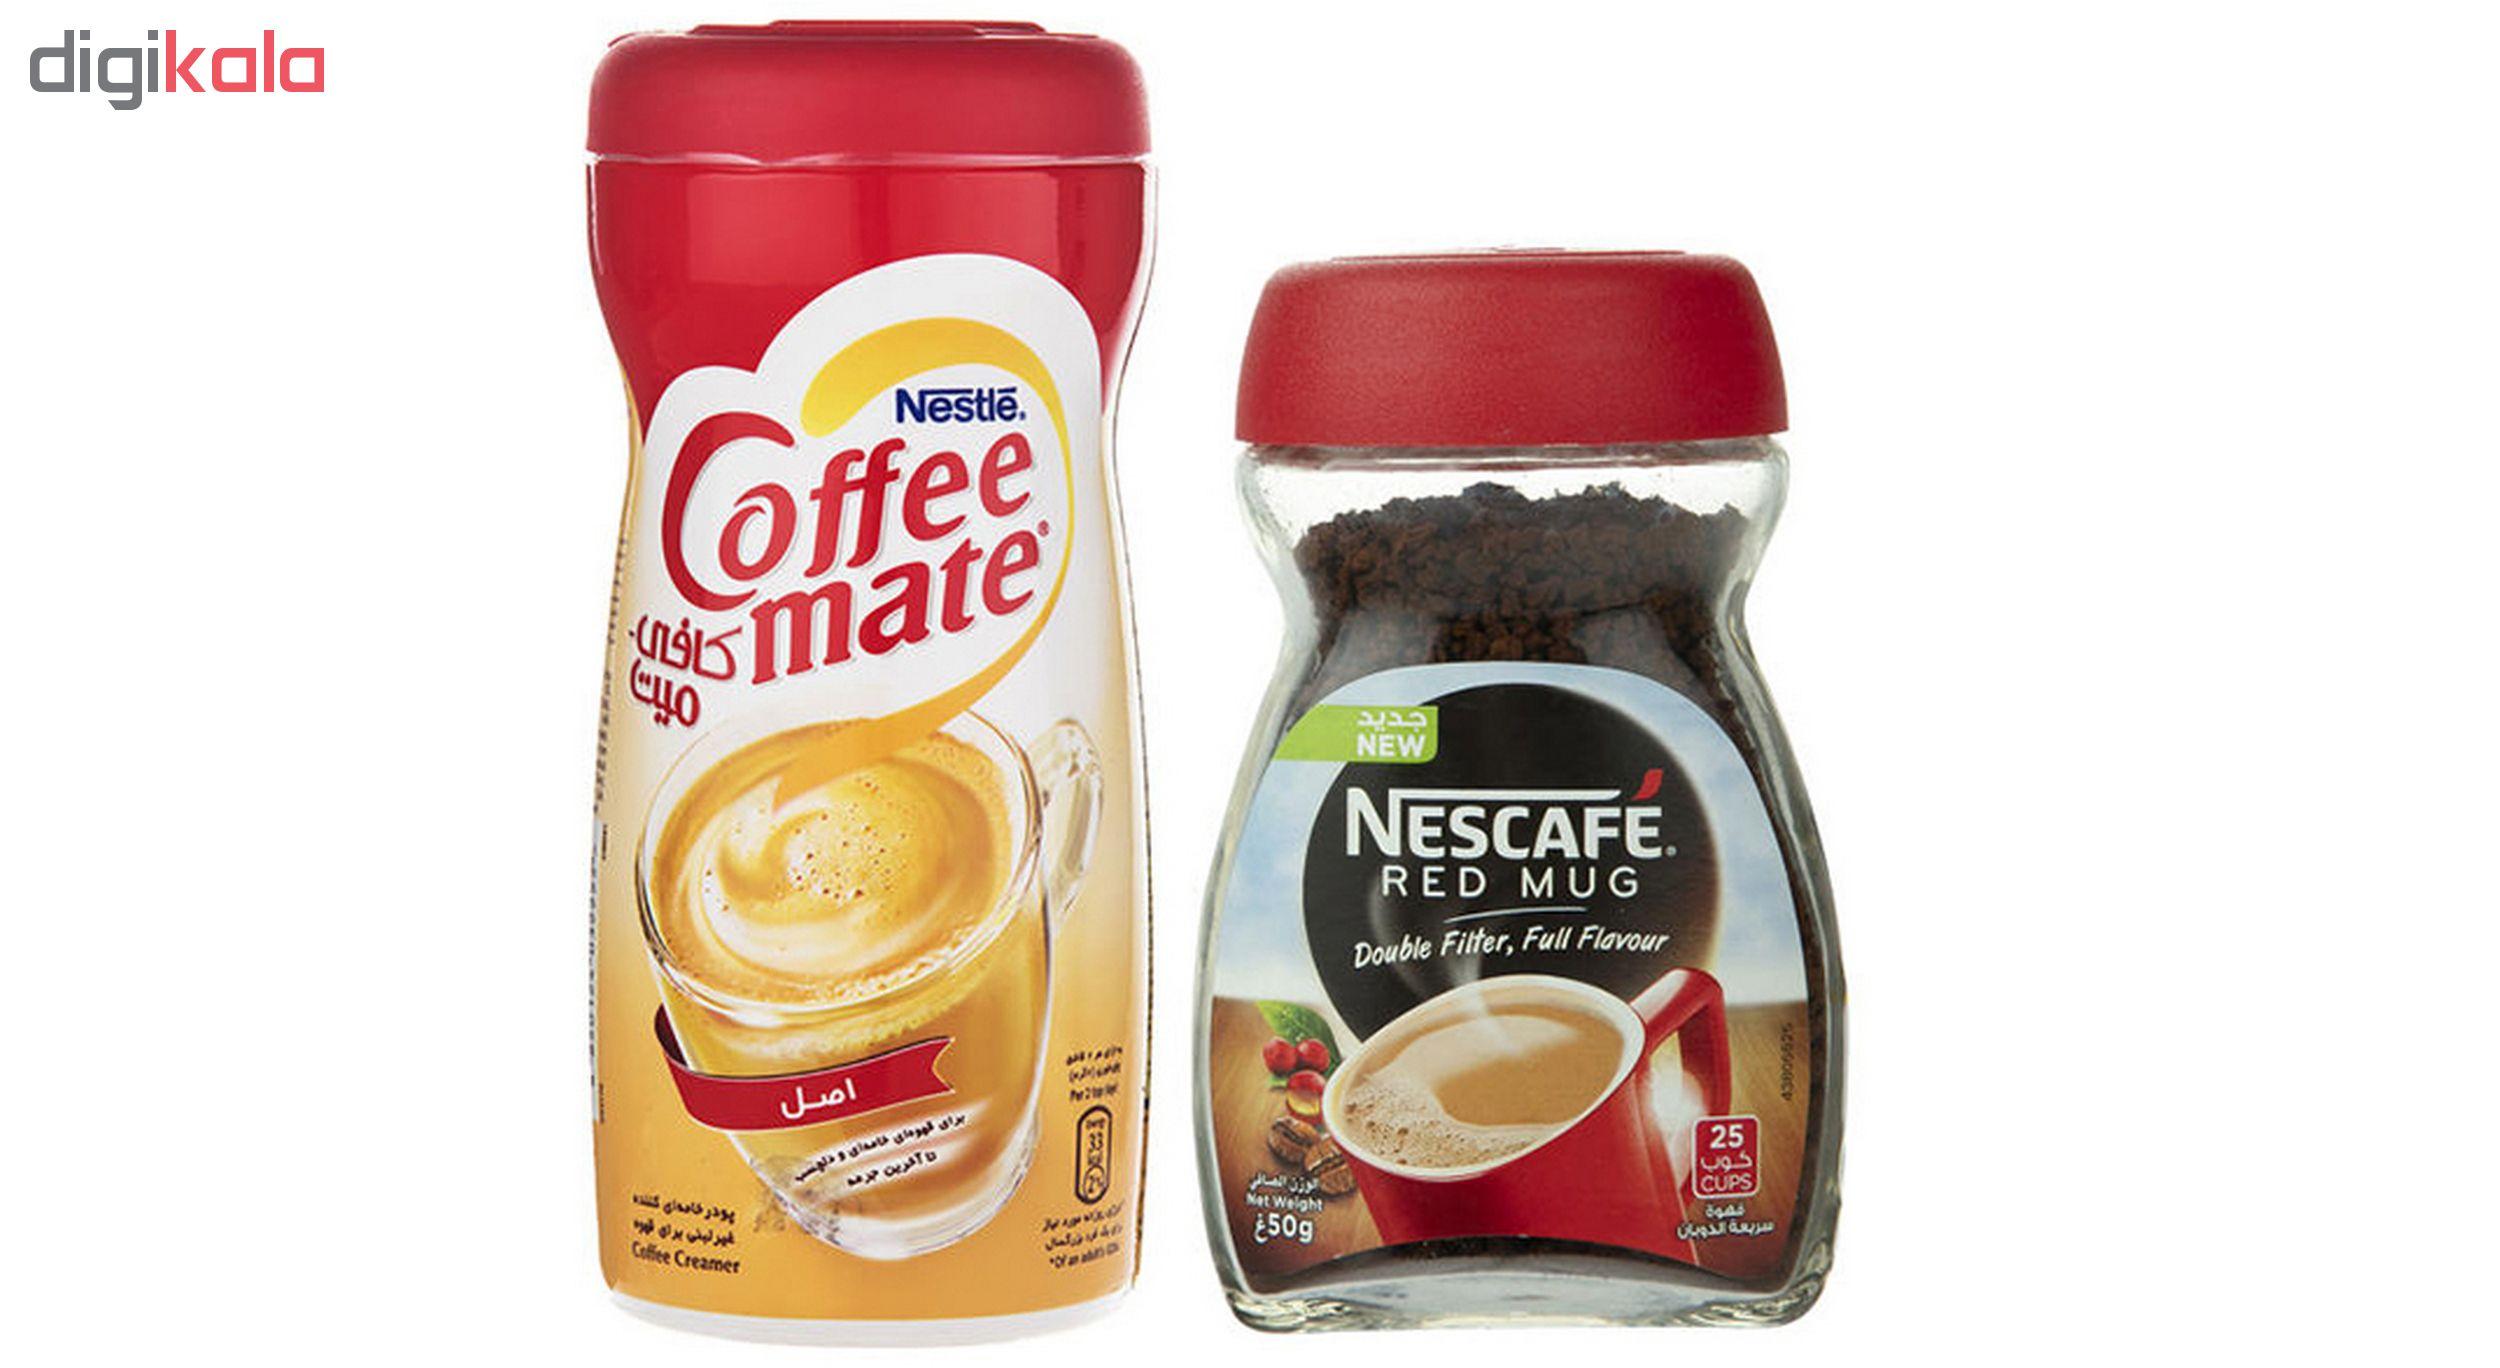 کافی میت نستله کد170 مقدار 170 گرم بهمراه قهوه فوری نسکافه کد50 مقدار 50 گرم main 1 2